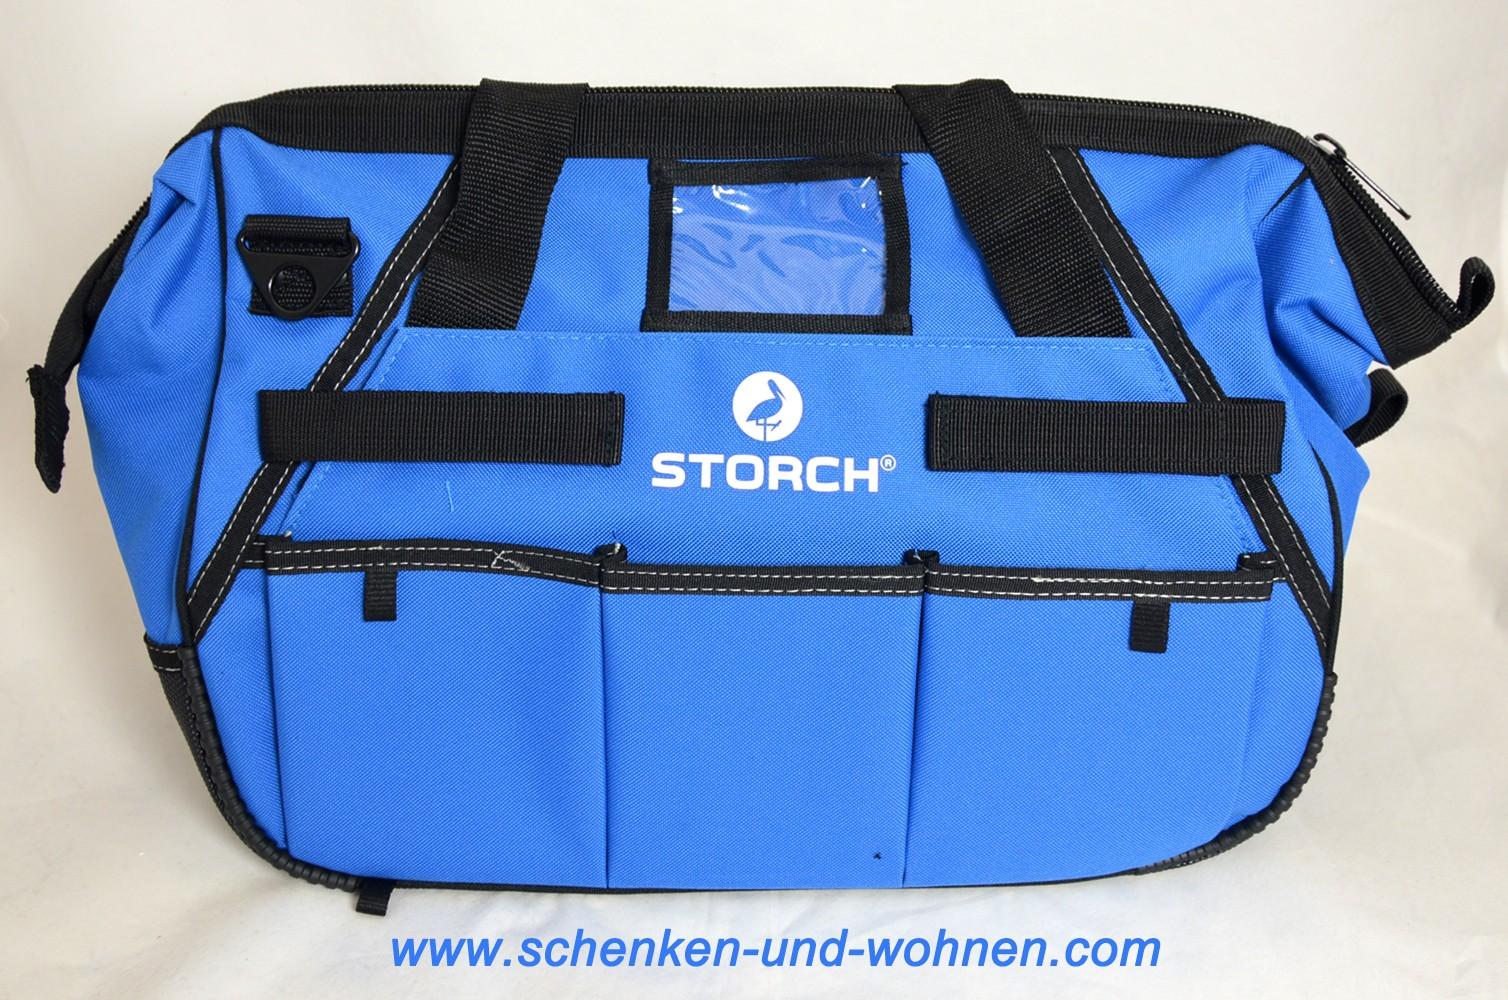 Werkzeugtasche 43x24x28 cm (B/T/H) Storch